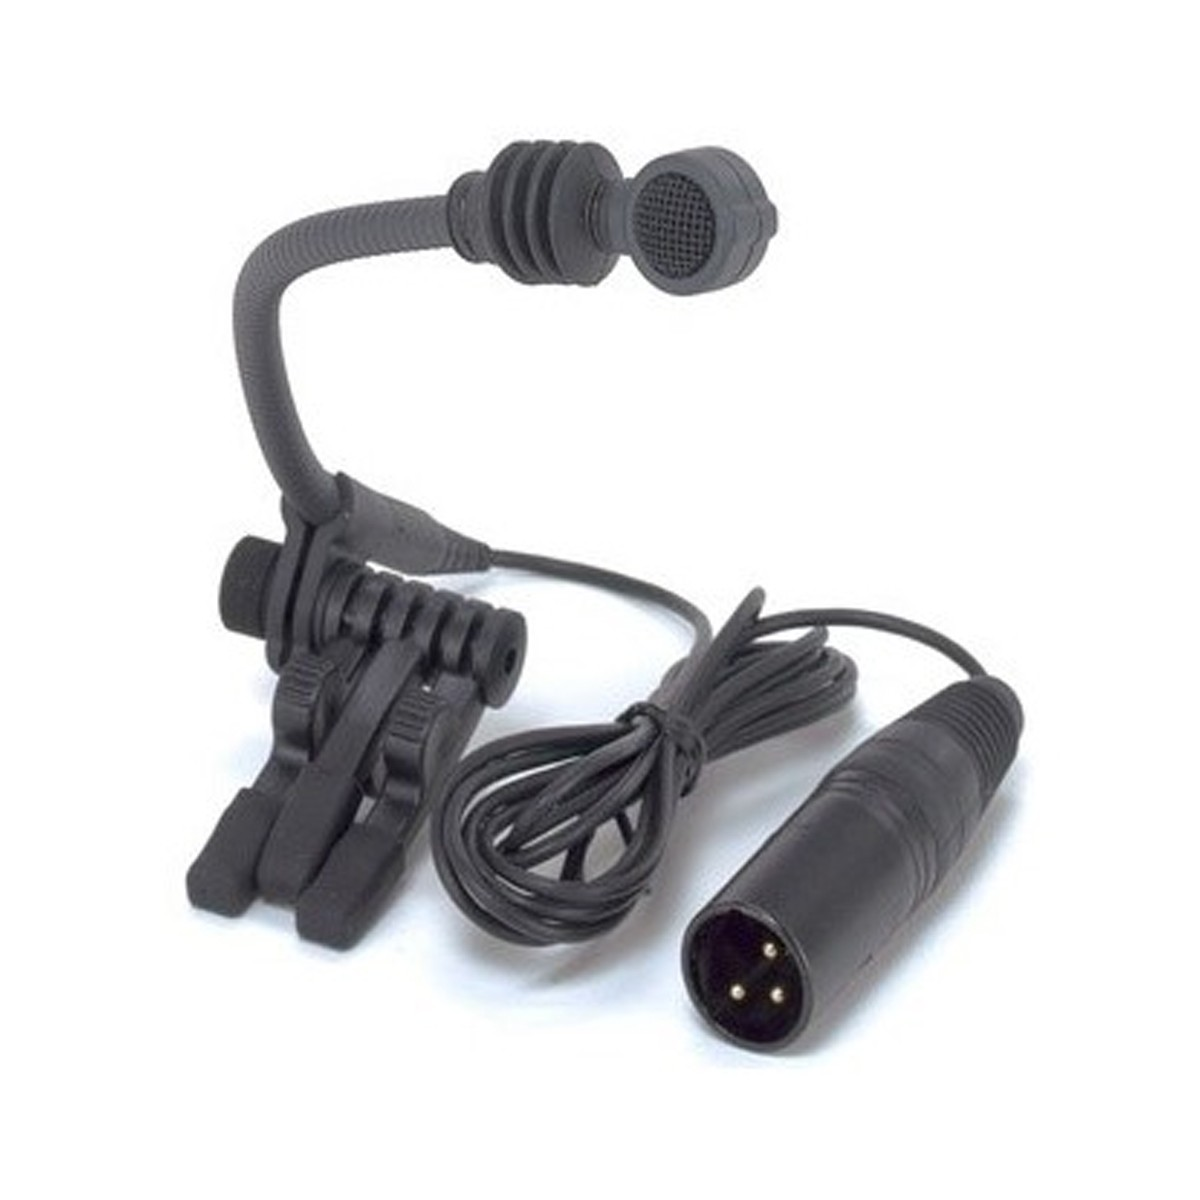 Microfone dinâmico pequeno p/ instrumentos E608 SENNHEISER